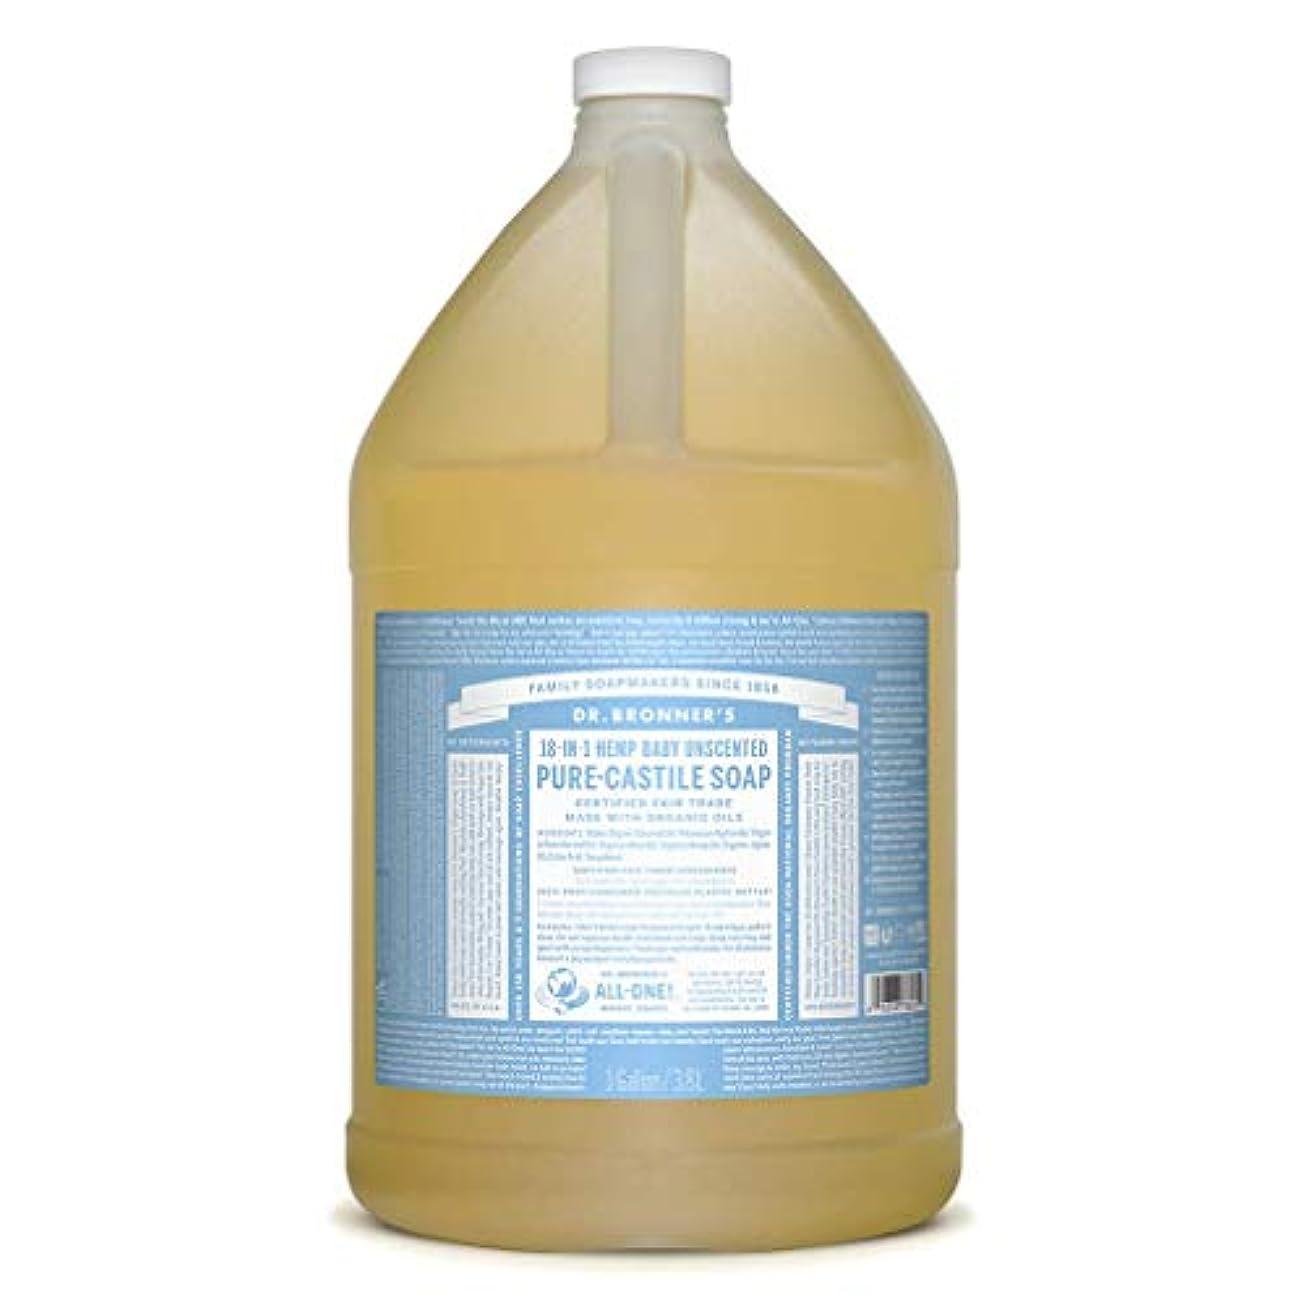 最近会話ひらめきドクターブロナー マジックソープ液体 ベビーマイルド 3785ml